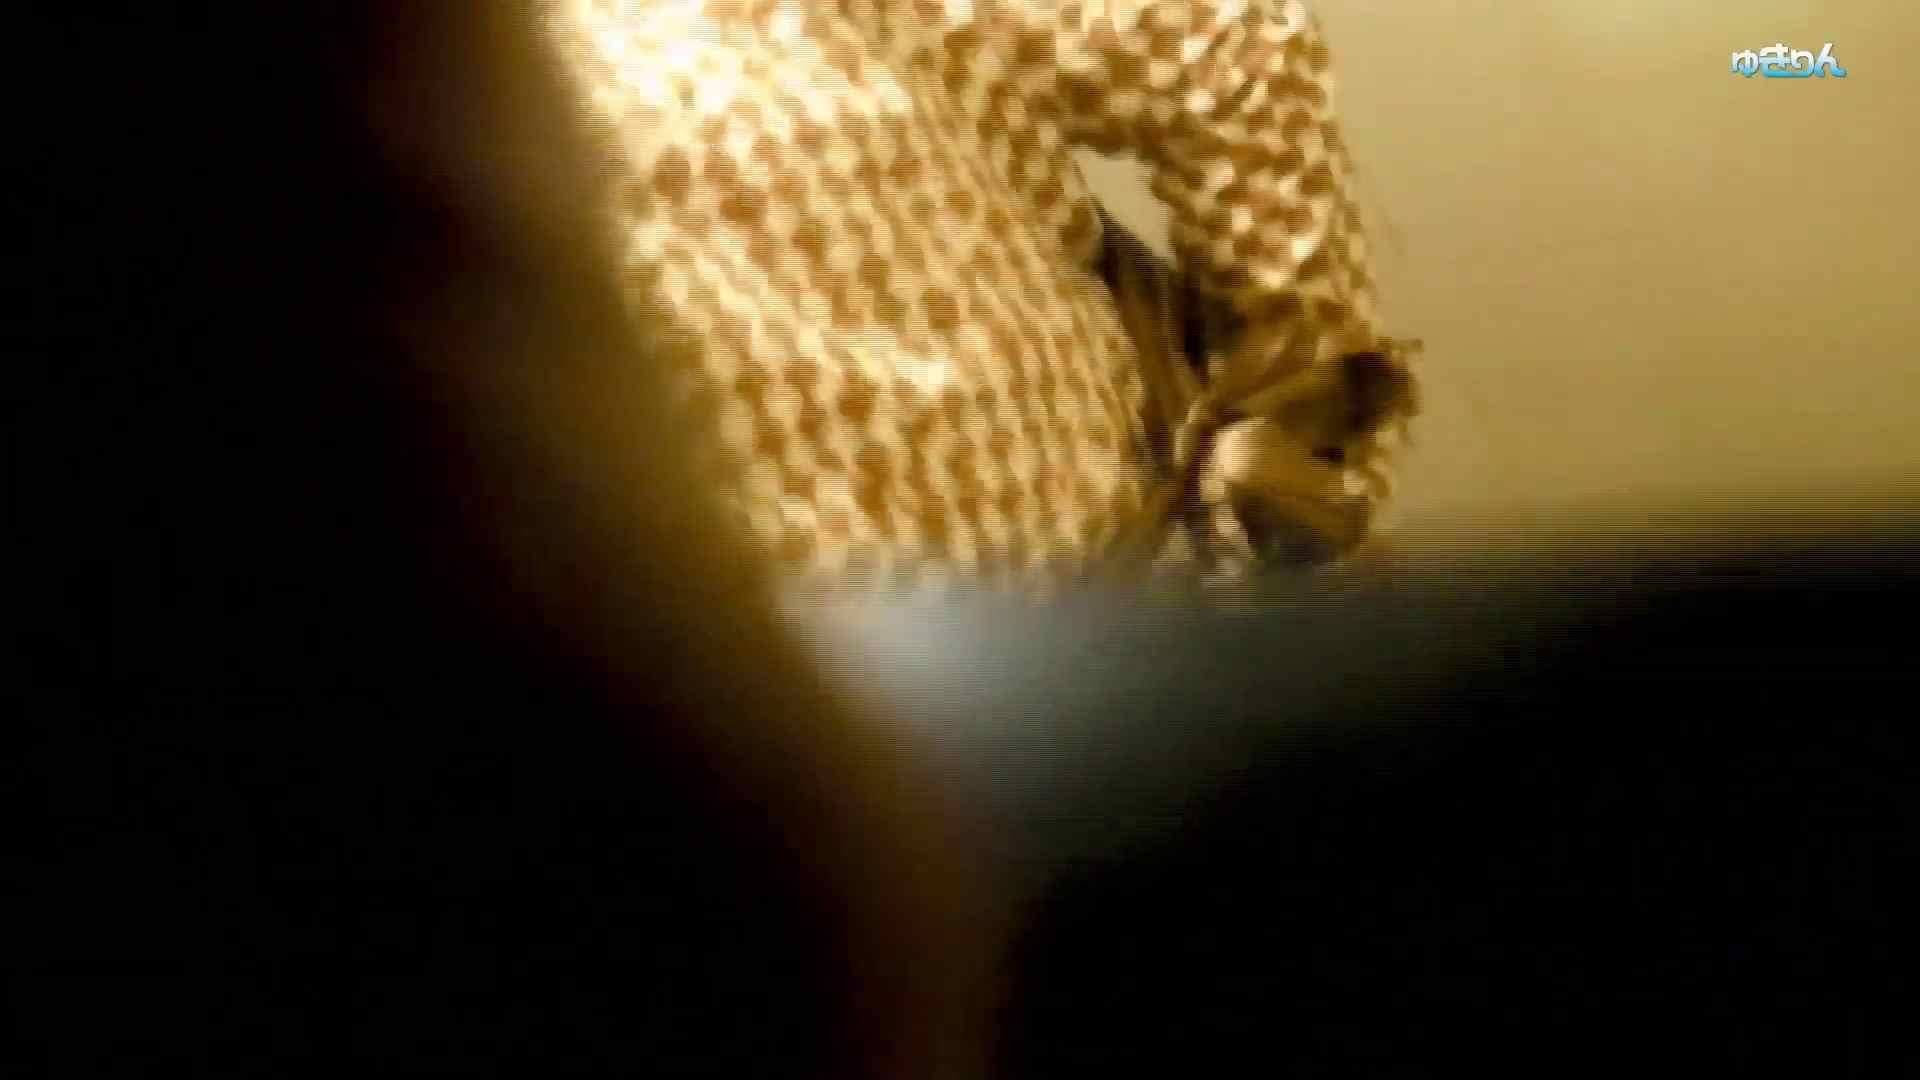 セックスアダルト動画|新世界の射窓 No84 広末涼子似の子をキャッチ!!ヒョウ柄の・・・・注目|怪盗ジョーカー